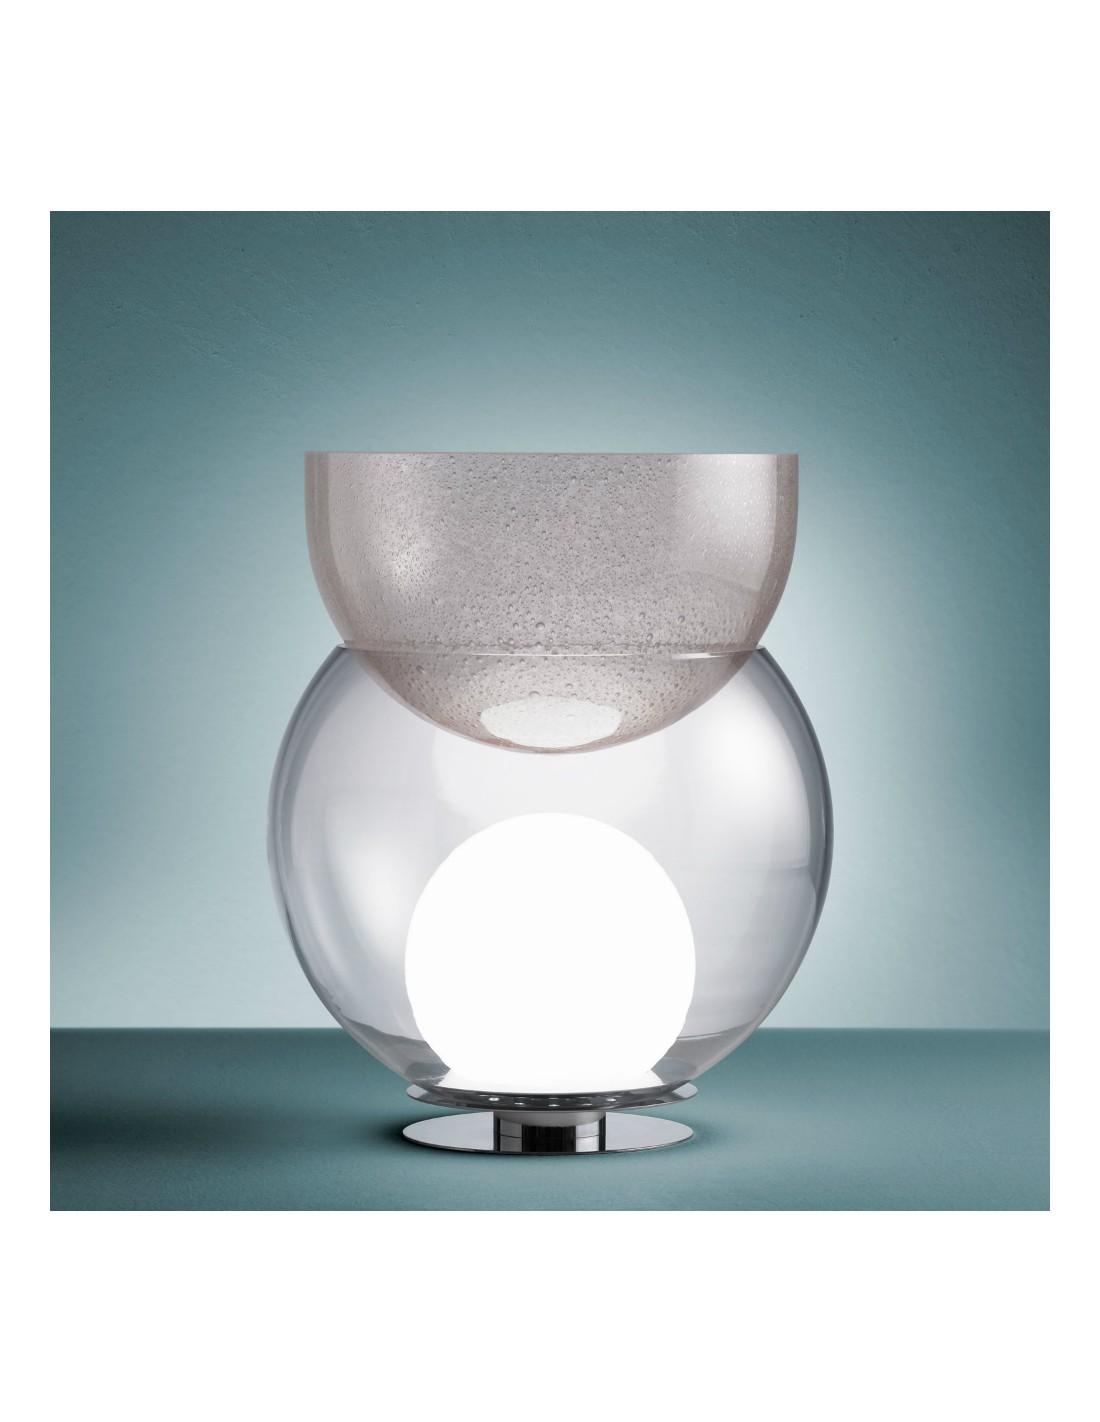 Lampe de table Giova grand modèle FontanaArte vue d'ensemble